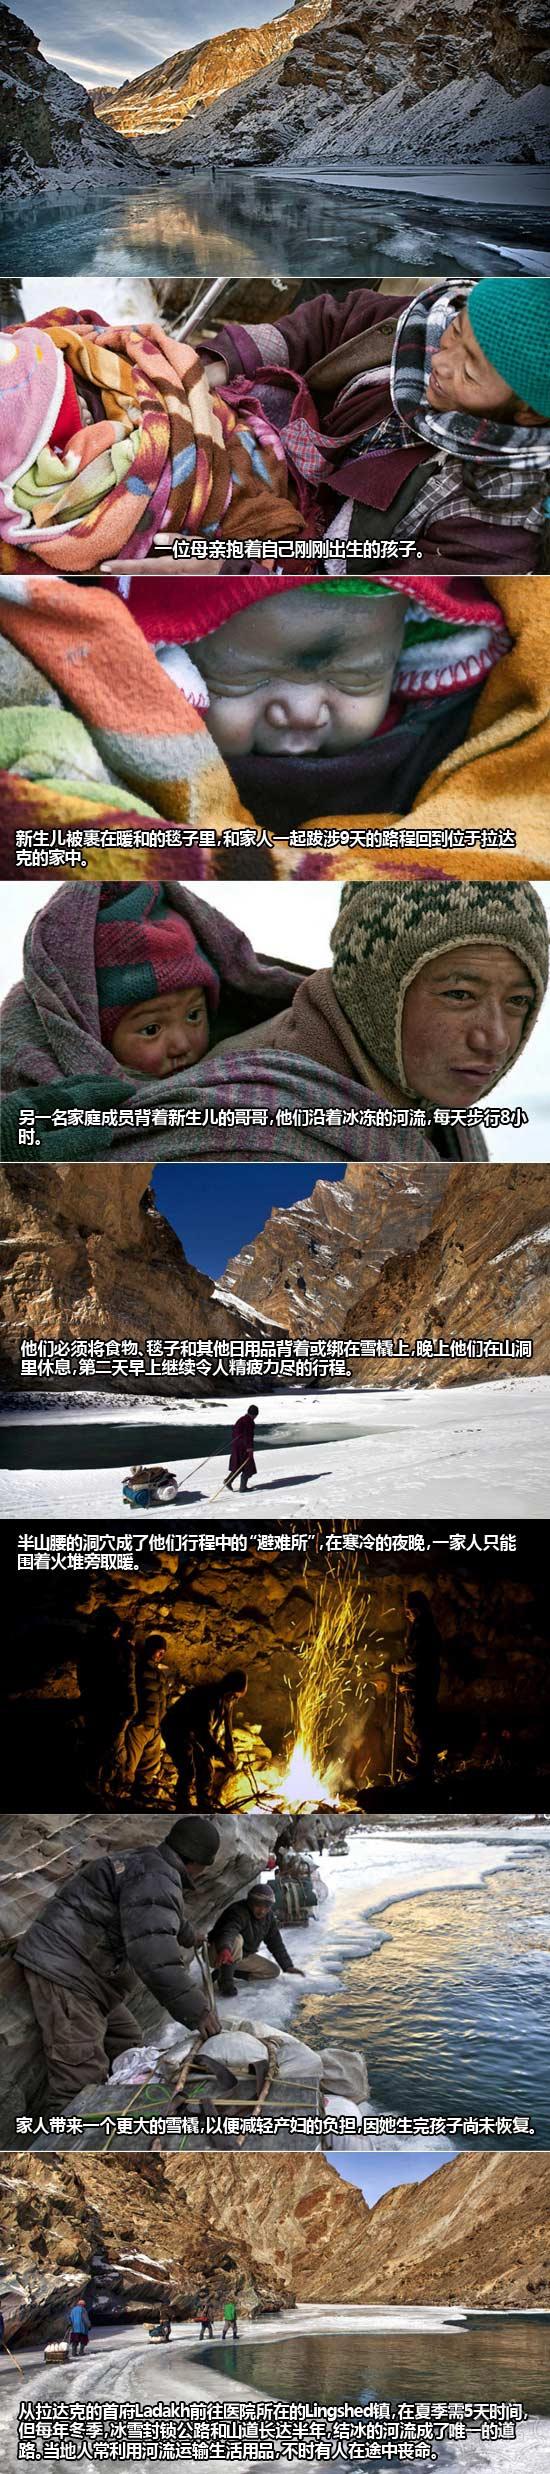 母亲零下35℃步行9天赴医院产子